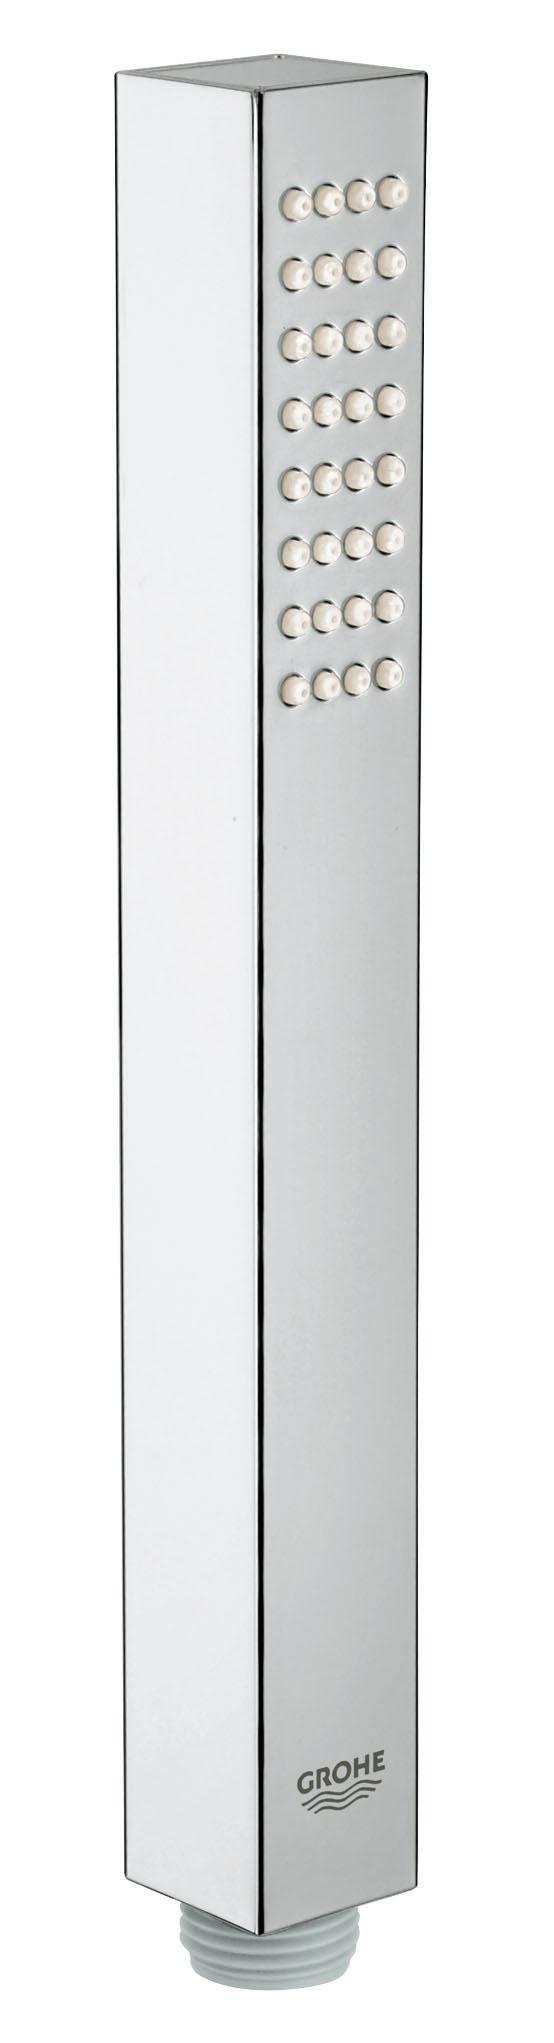 Ручной душ GROHE Euphoria Cube (1 режим) (27698000)27698000GROHE DreamSpray превосходный поток воды GROHE StarLight хромированная поверхность С системой SpeedClean против известковых отложений Внутренний охлаждающий канал для продолжительного срока службы Может использоваться с проточным водонагревателем Универсальное крепление, подходящее к любому стандартному шлангу Видео по установке является исключительно информационным. Установка должна проводиться профессионалами!